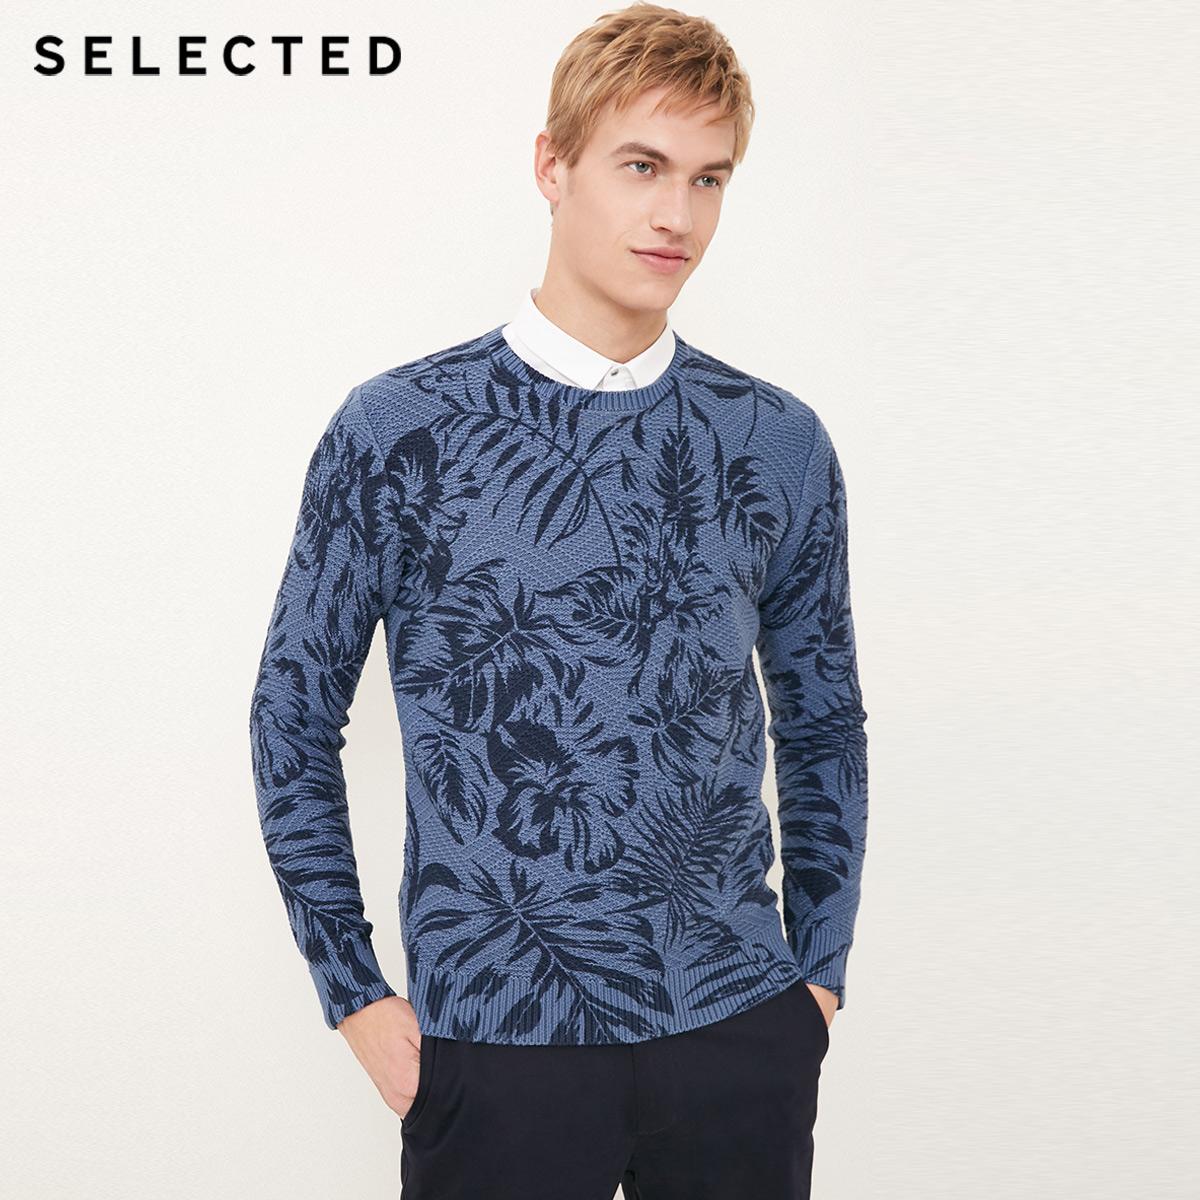 Собирать SELECTED мысль сорняки мораль новый pure хлопок тенденция печать случайный мужчина свитер свитер C|418124535